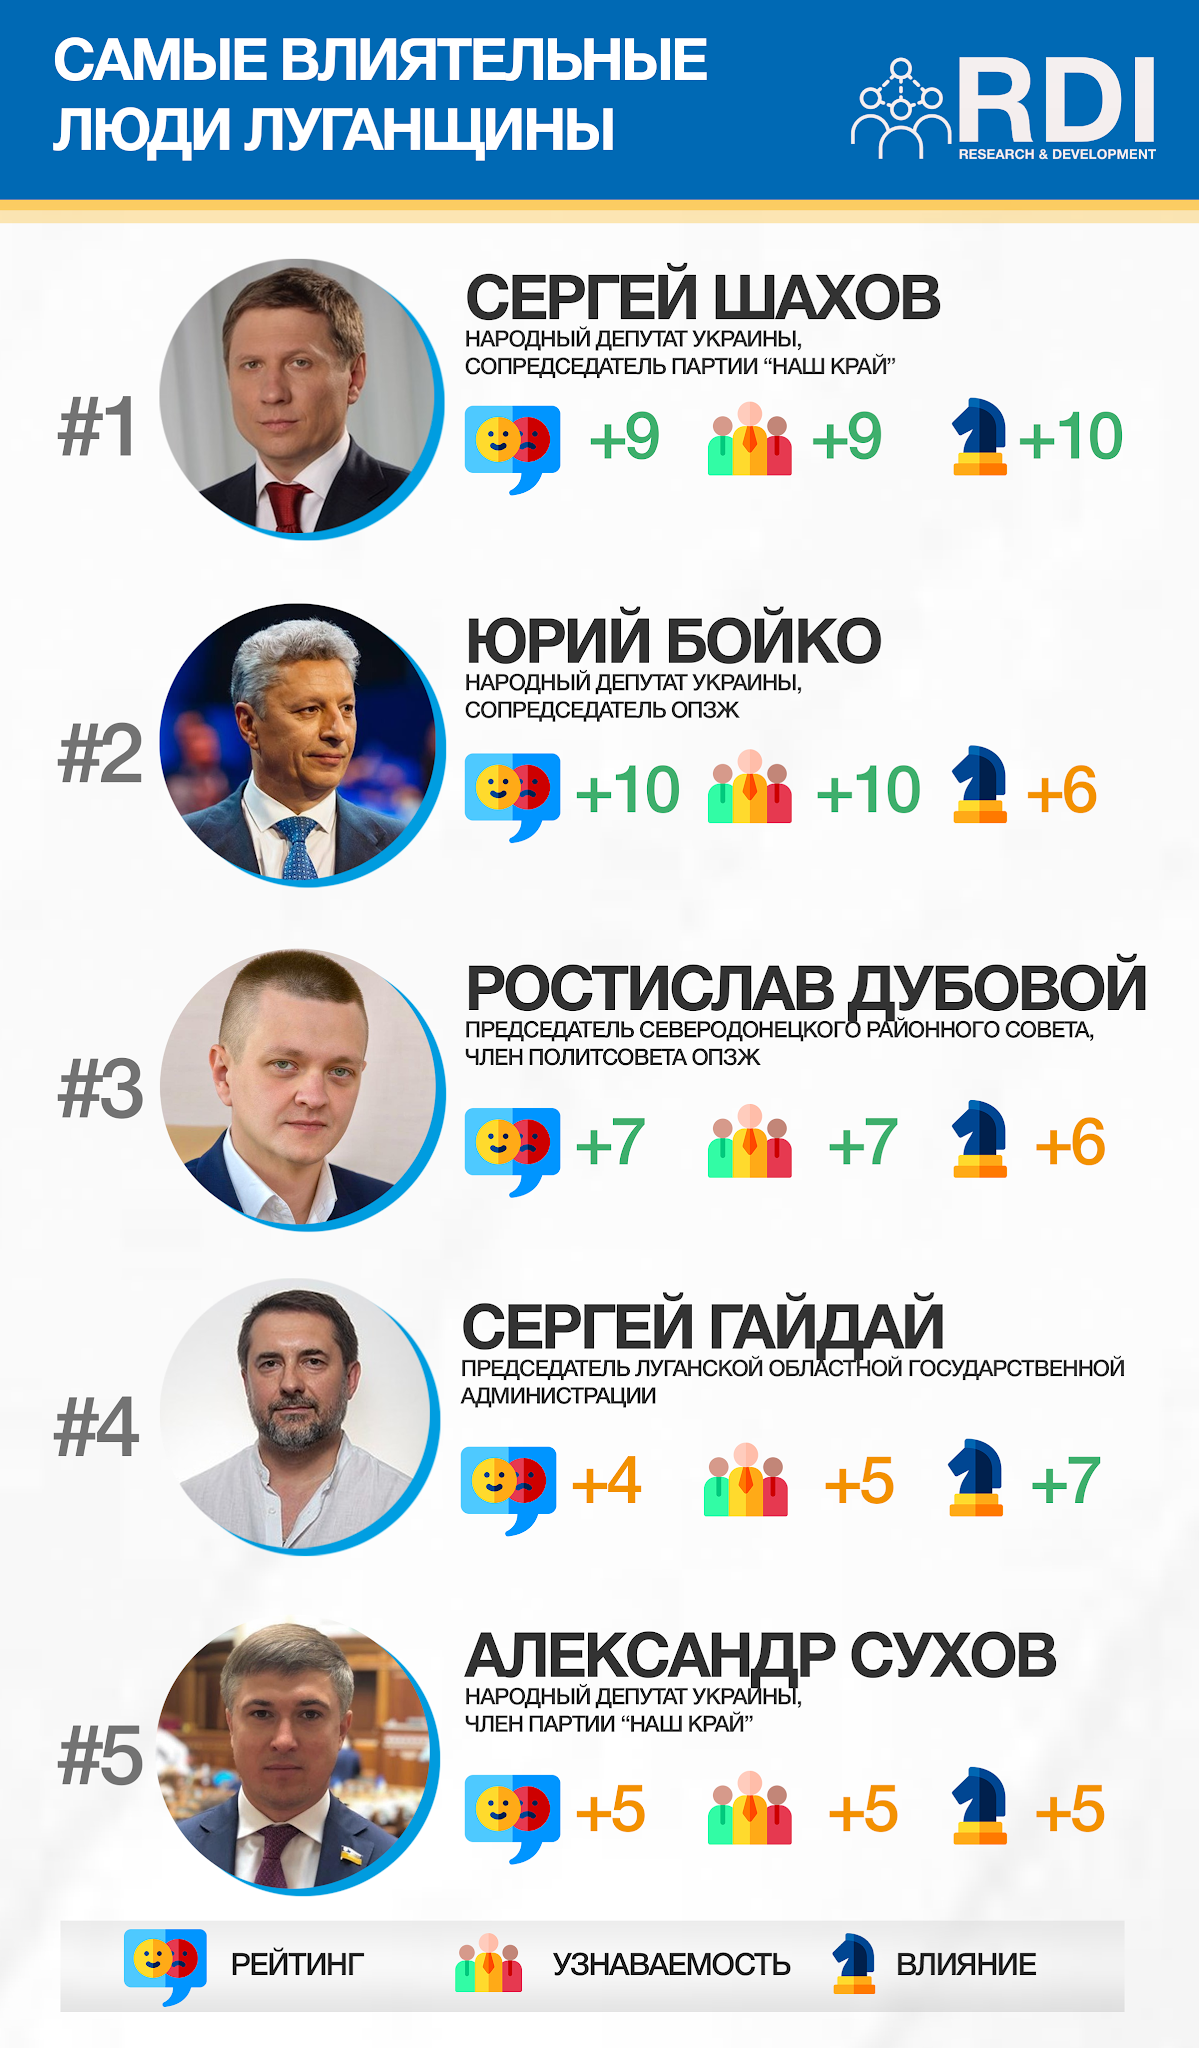 ТОП-10 самых влиятельных людей Луганской области. Кто попал в список? , фото-1